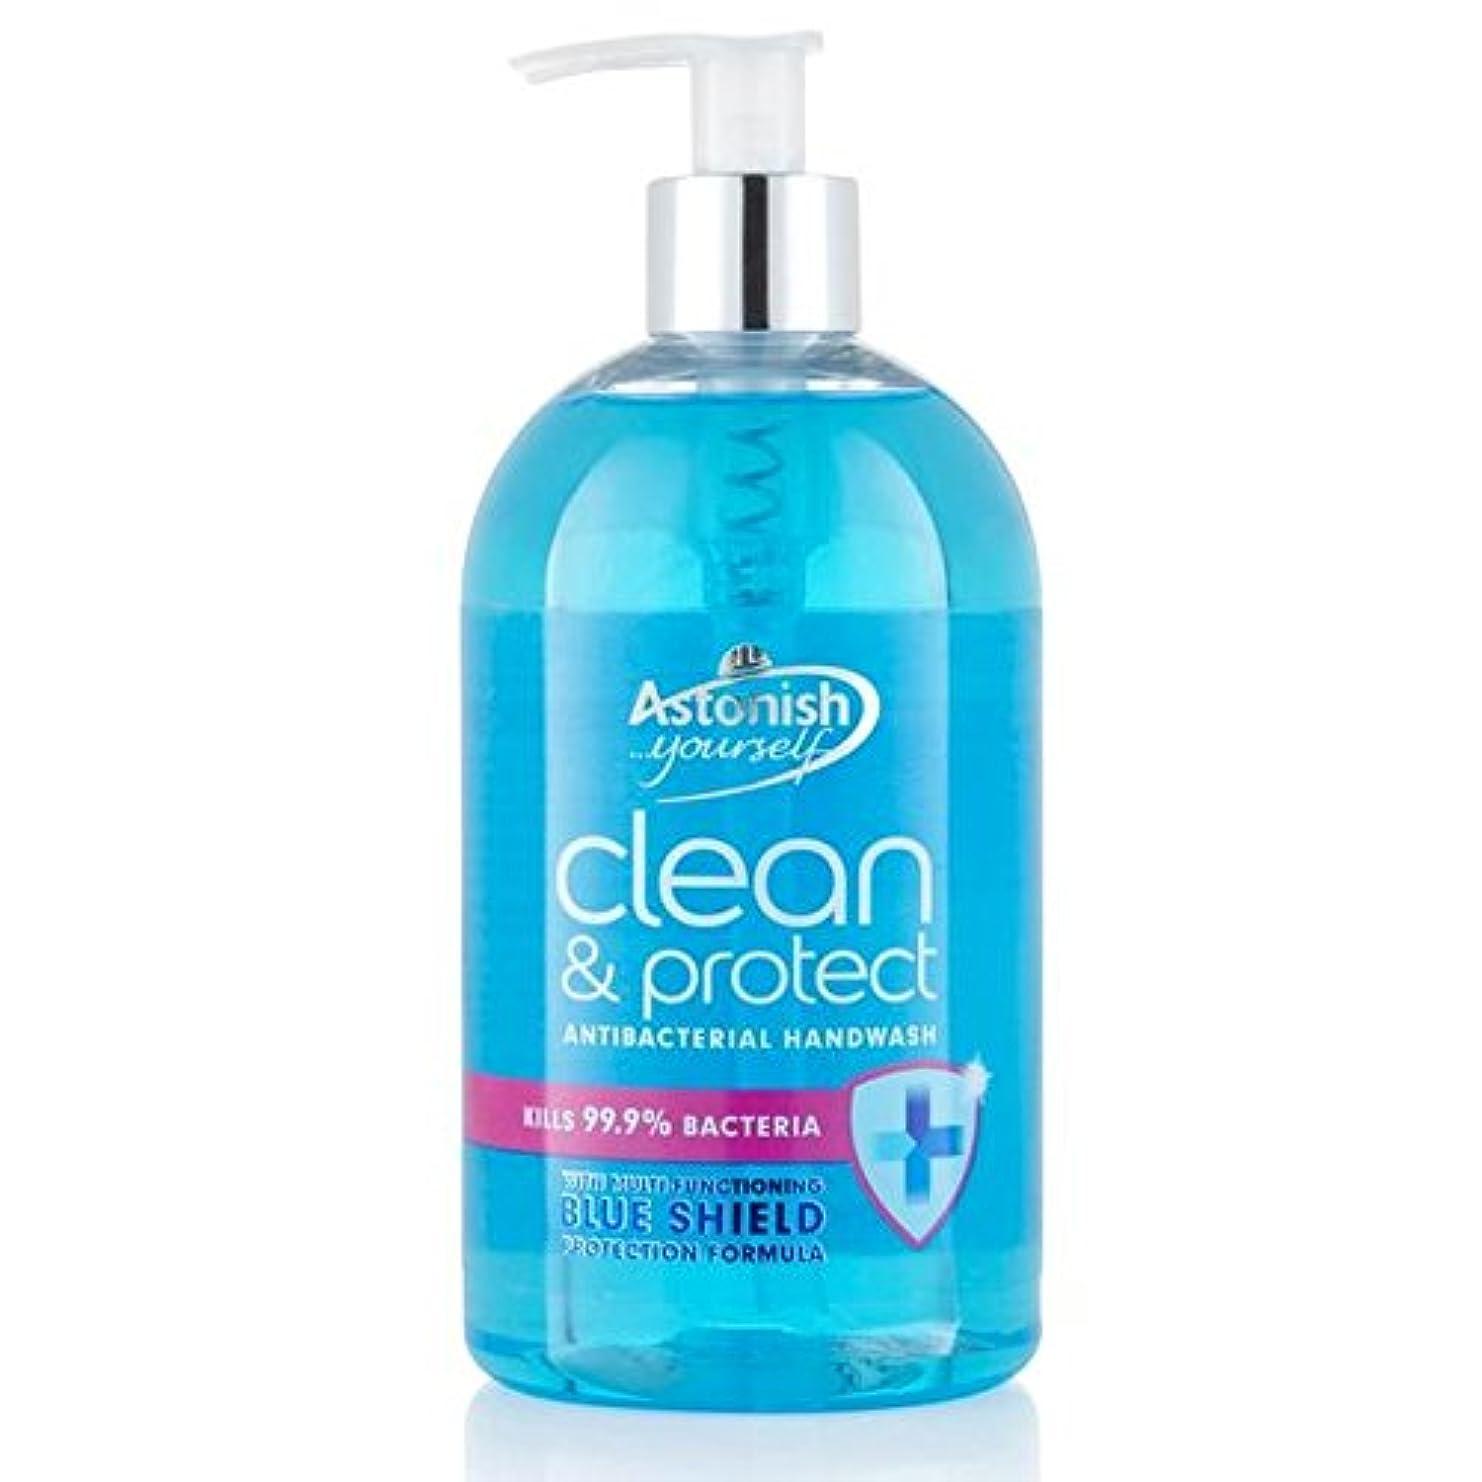 南ドリンク観客Astonish Clean & Protect Hand Wash 500ml - クリーン驚か&ハンドウォッシュ500ミリリットルを保護 [並行輸入品]